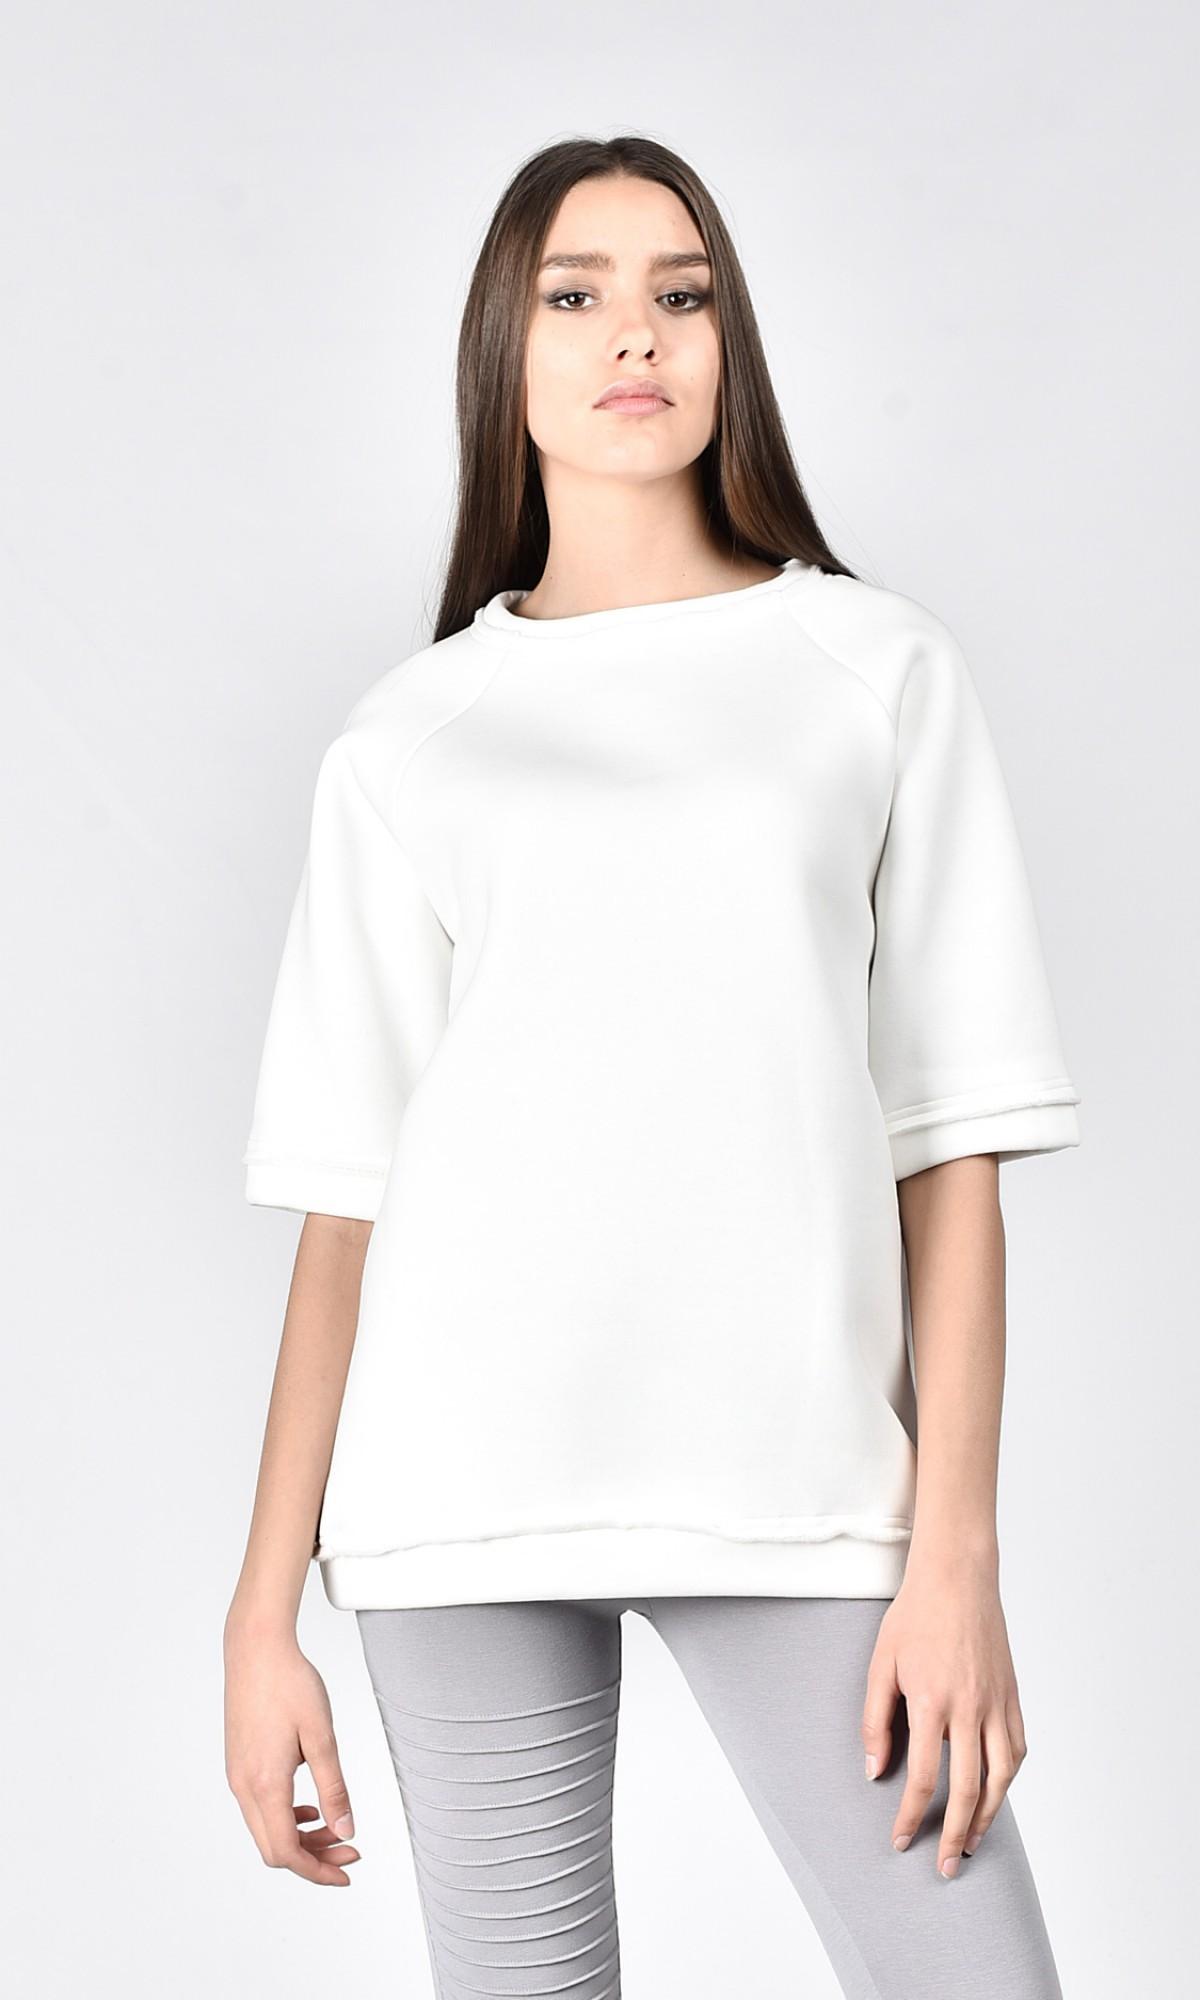 Mid Sleeve Warm Sweatshirt A90217